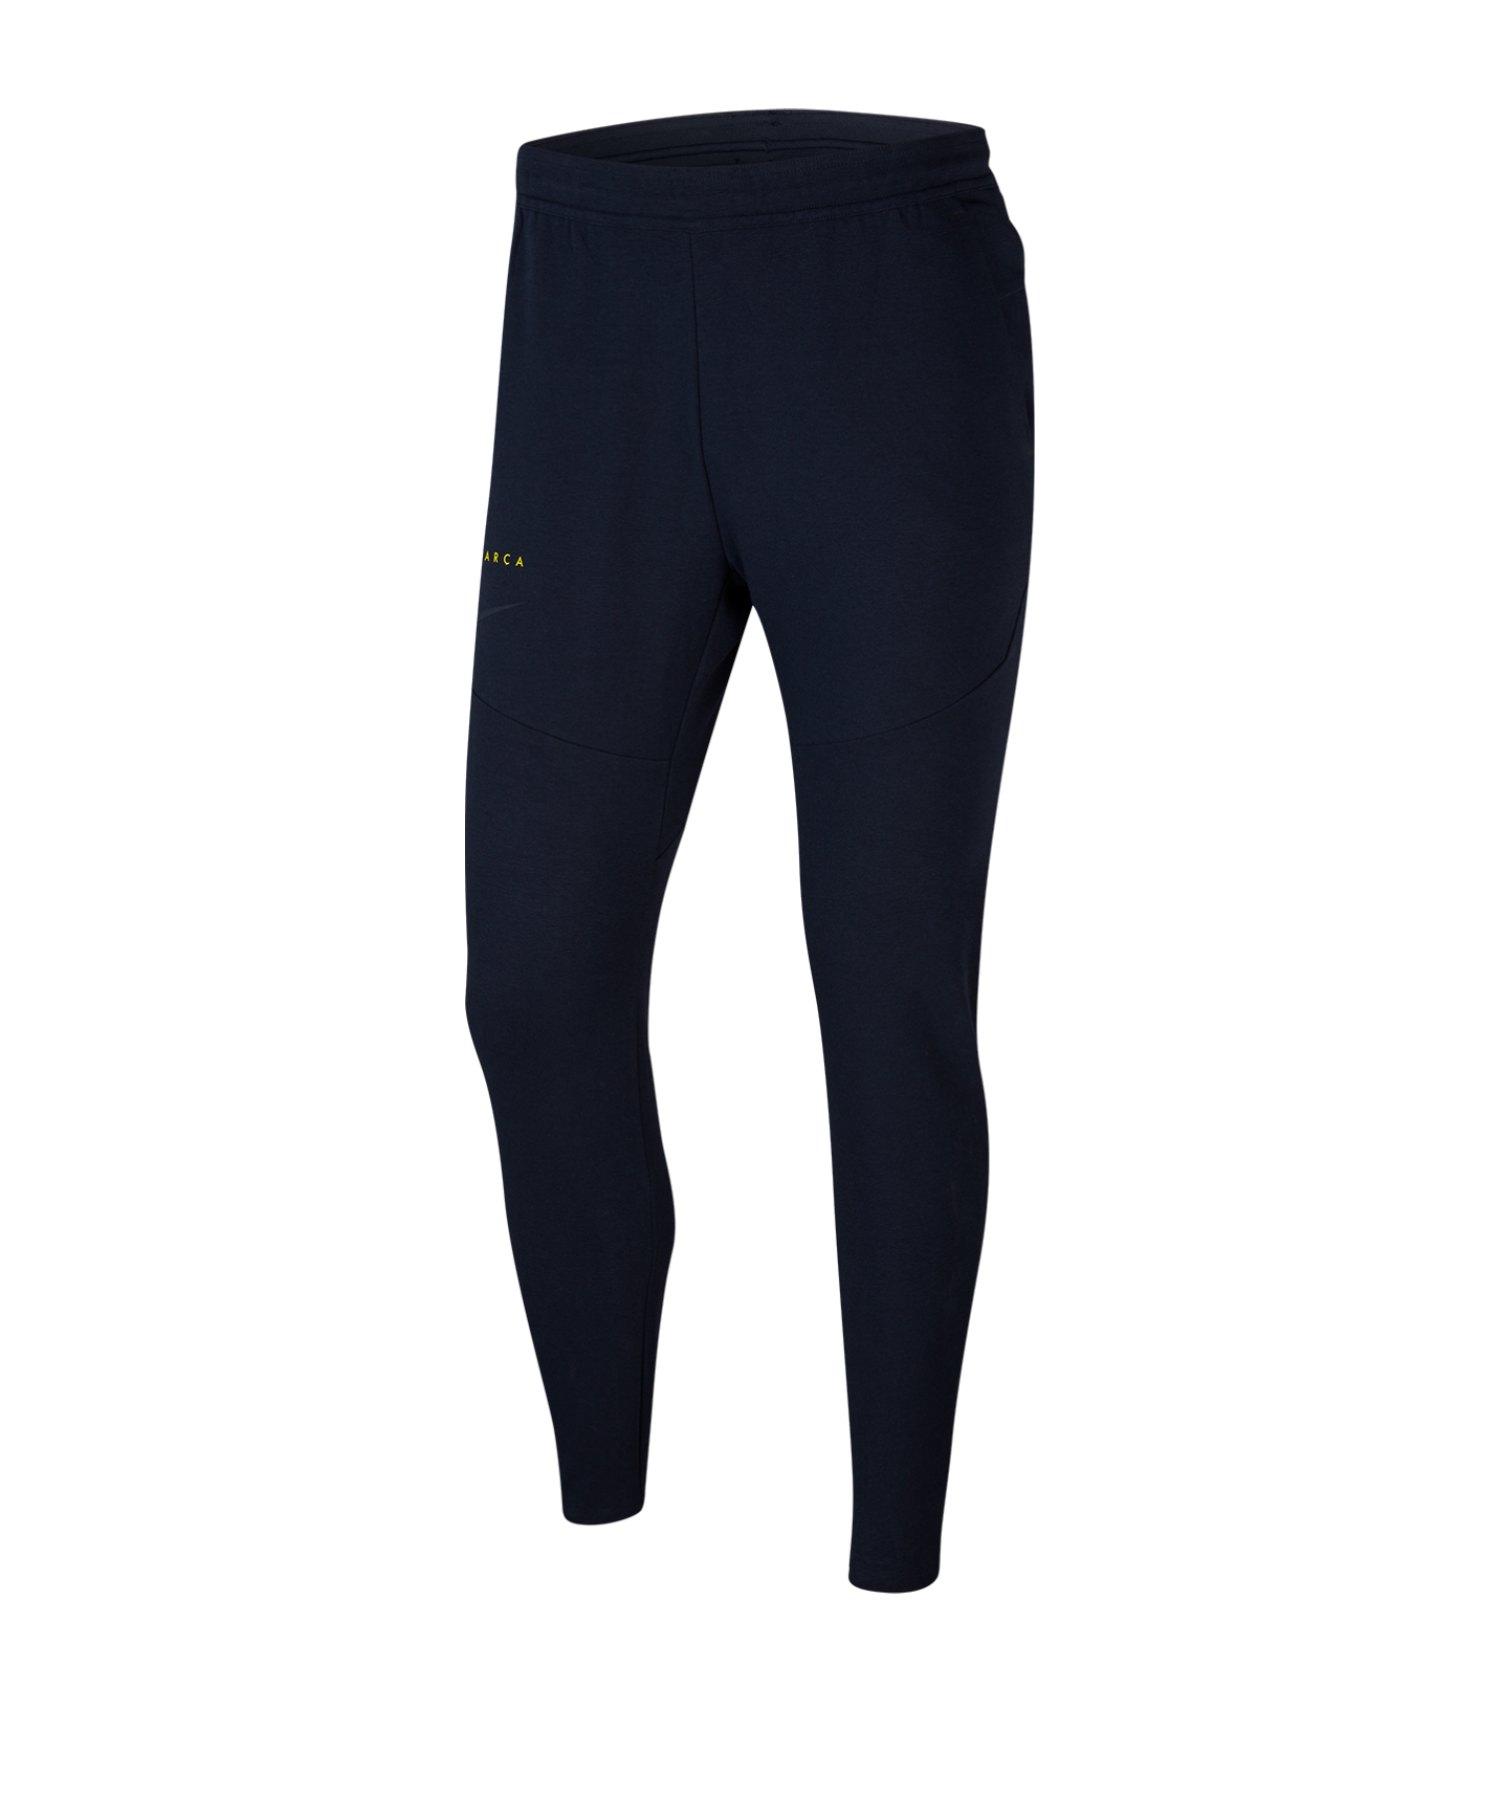 Nike FC Barcelona Tech Pants Hose lang Blau F475 - blau